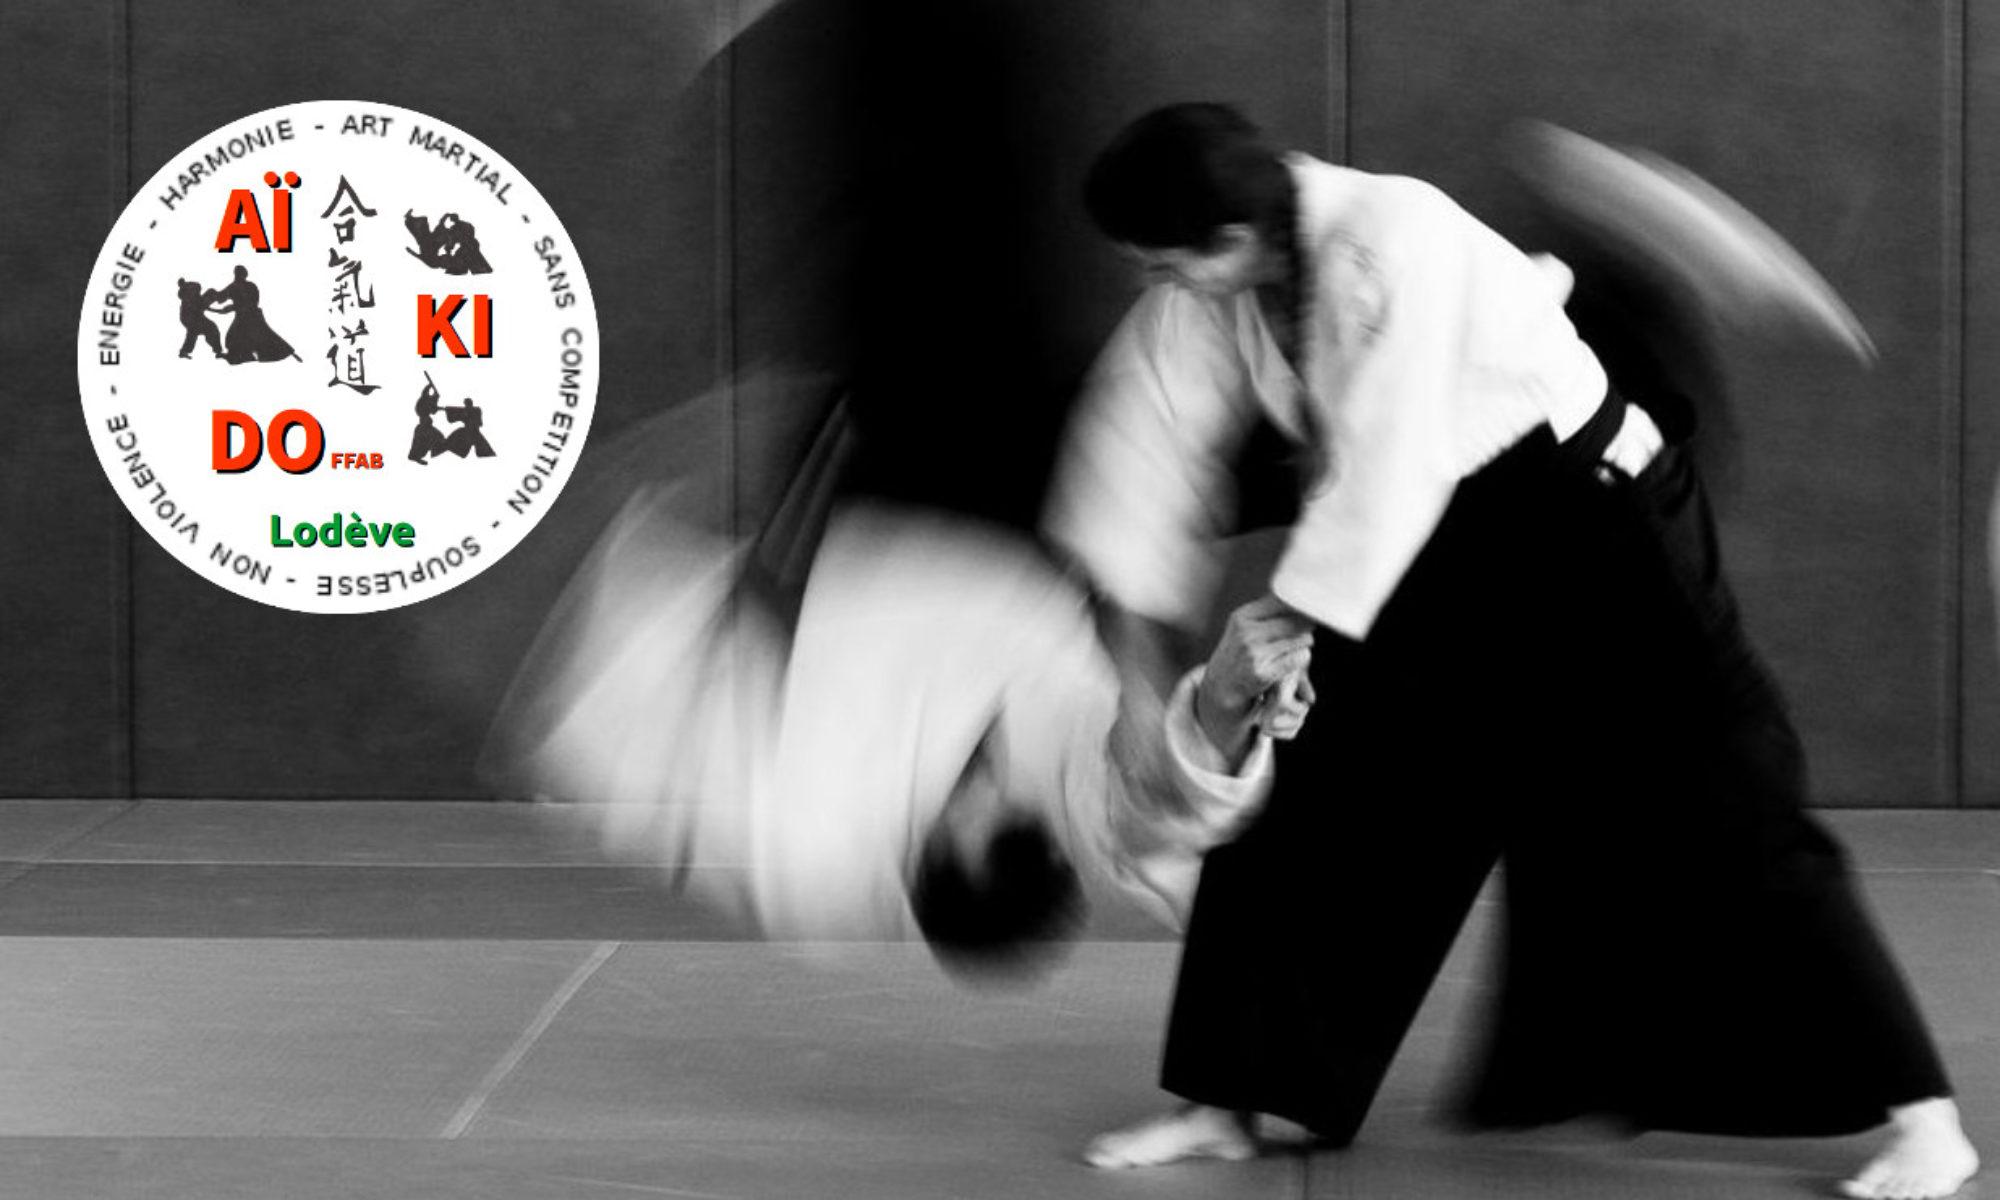 aikido-lodeve.fr